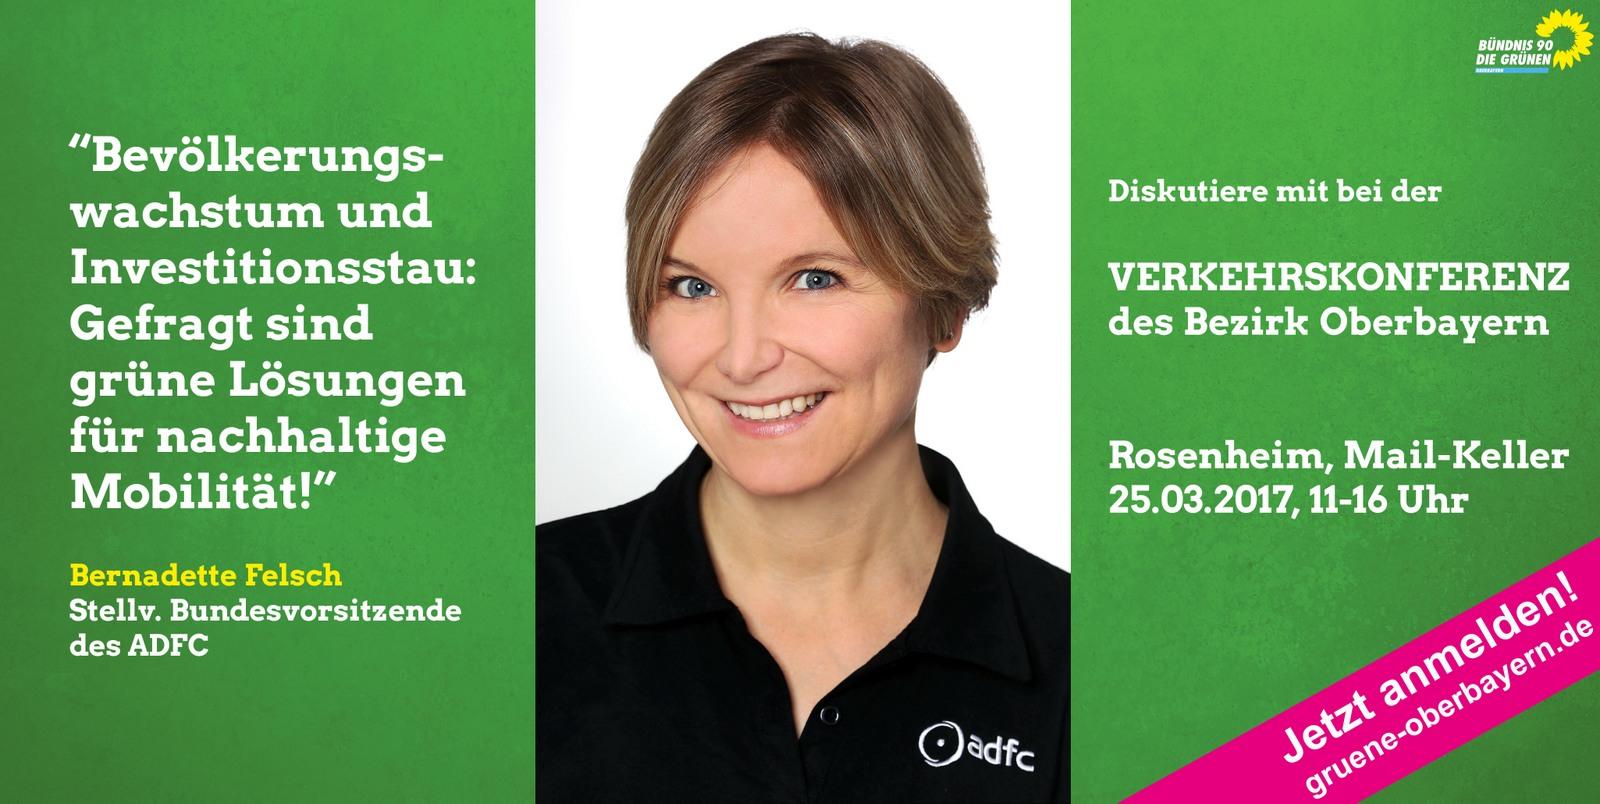 http://gruene-oberbayern.de/wp-content/uploads/2017/03/SharepicVerkehr_Bernadette-2.jpg